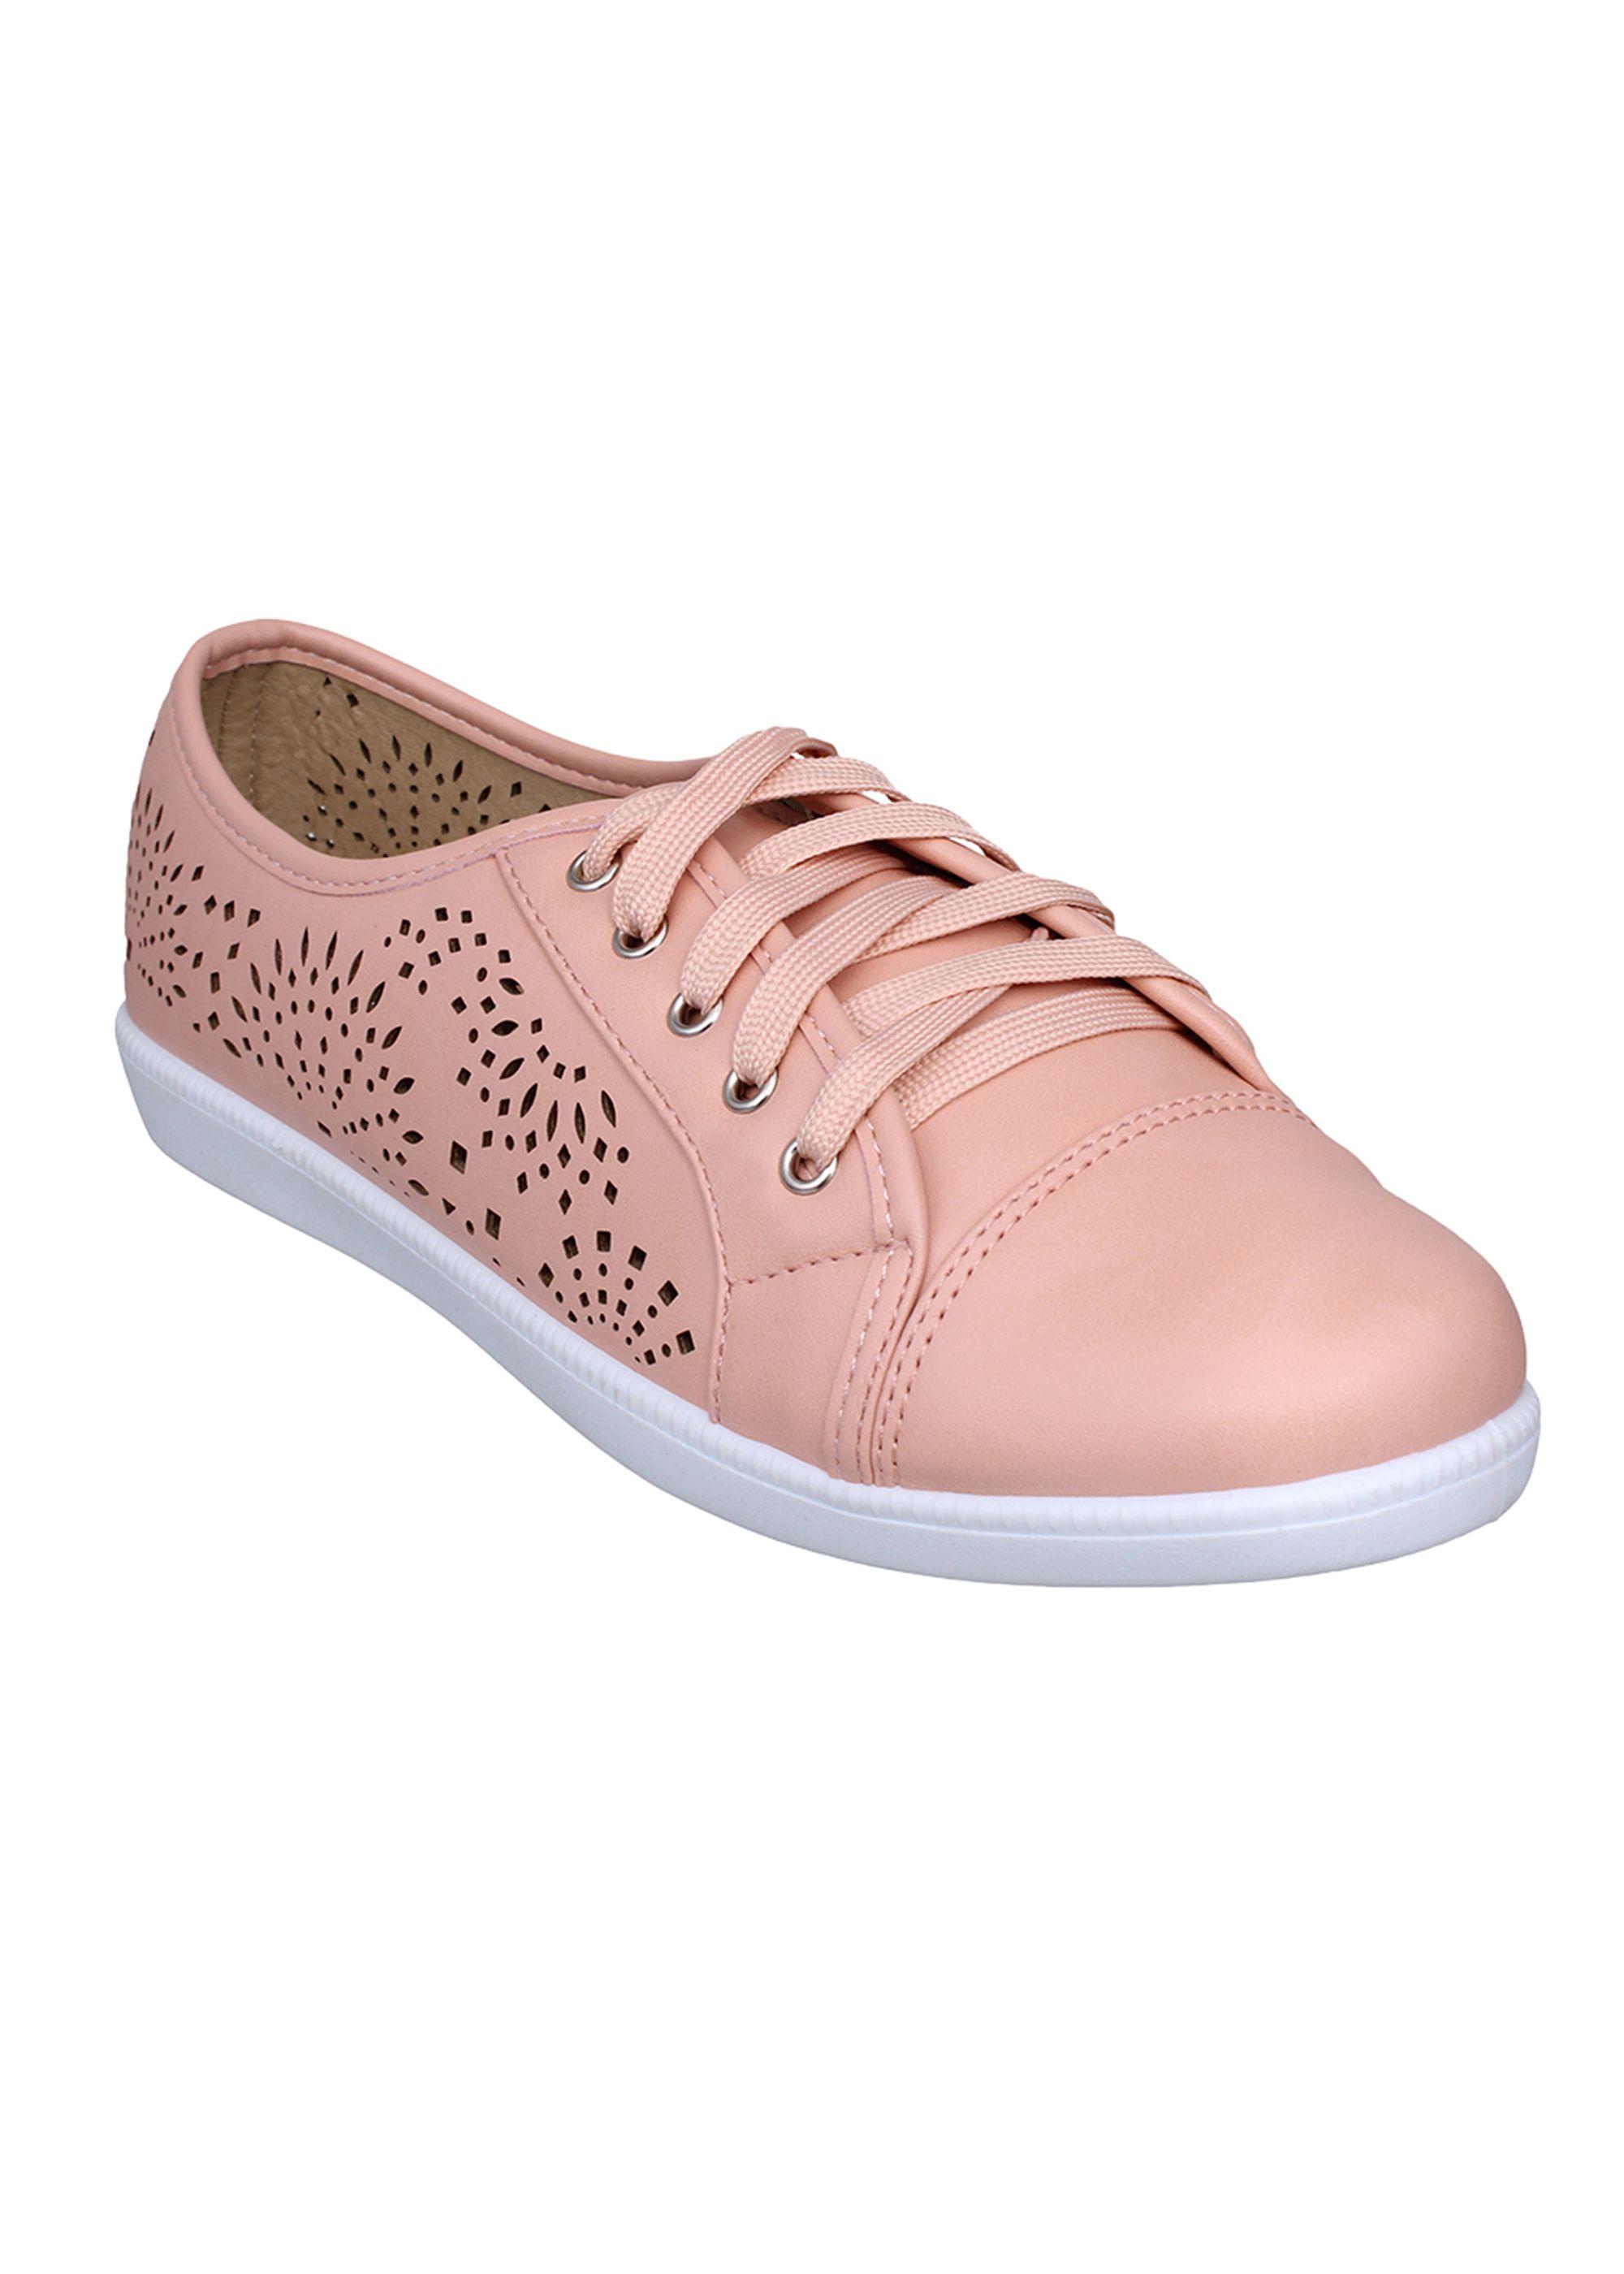 Flat n Heels Pink Casual Shoes